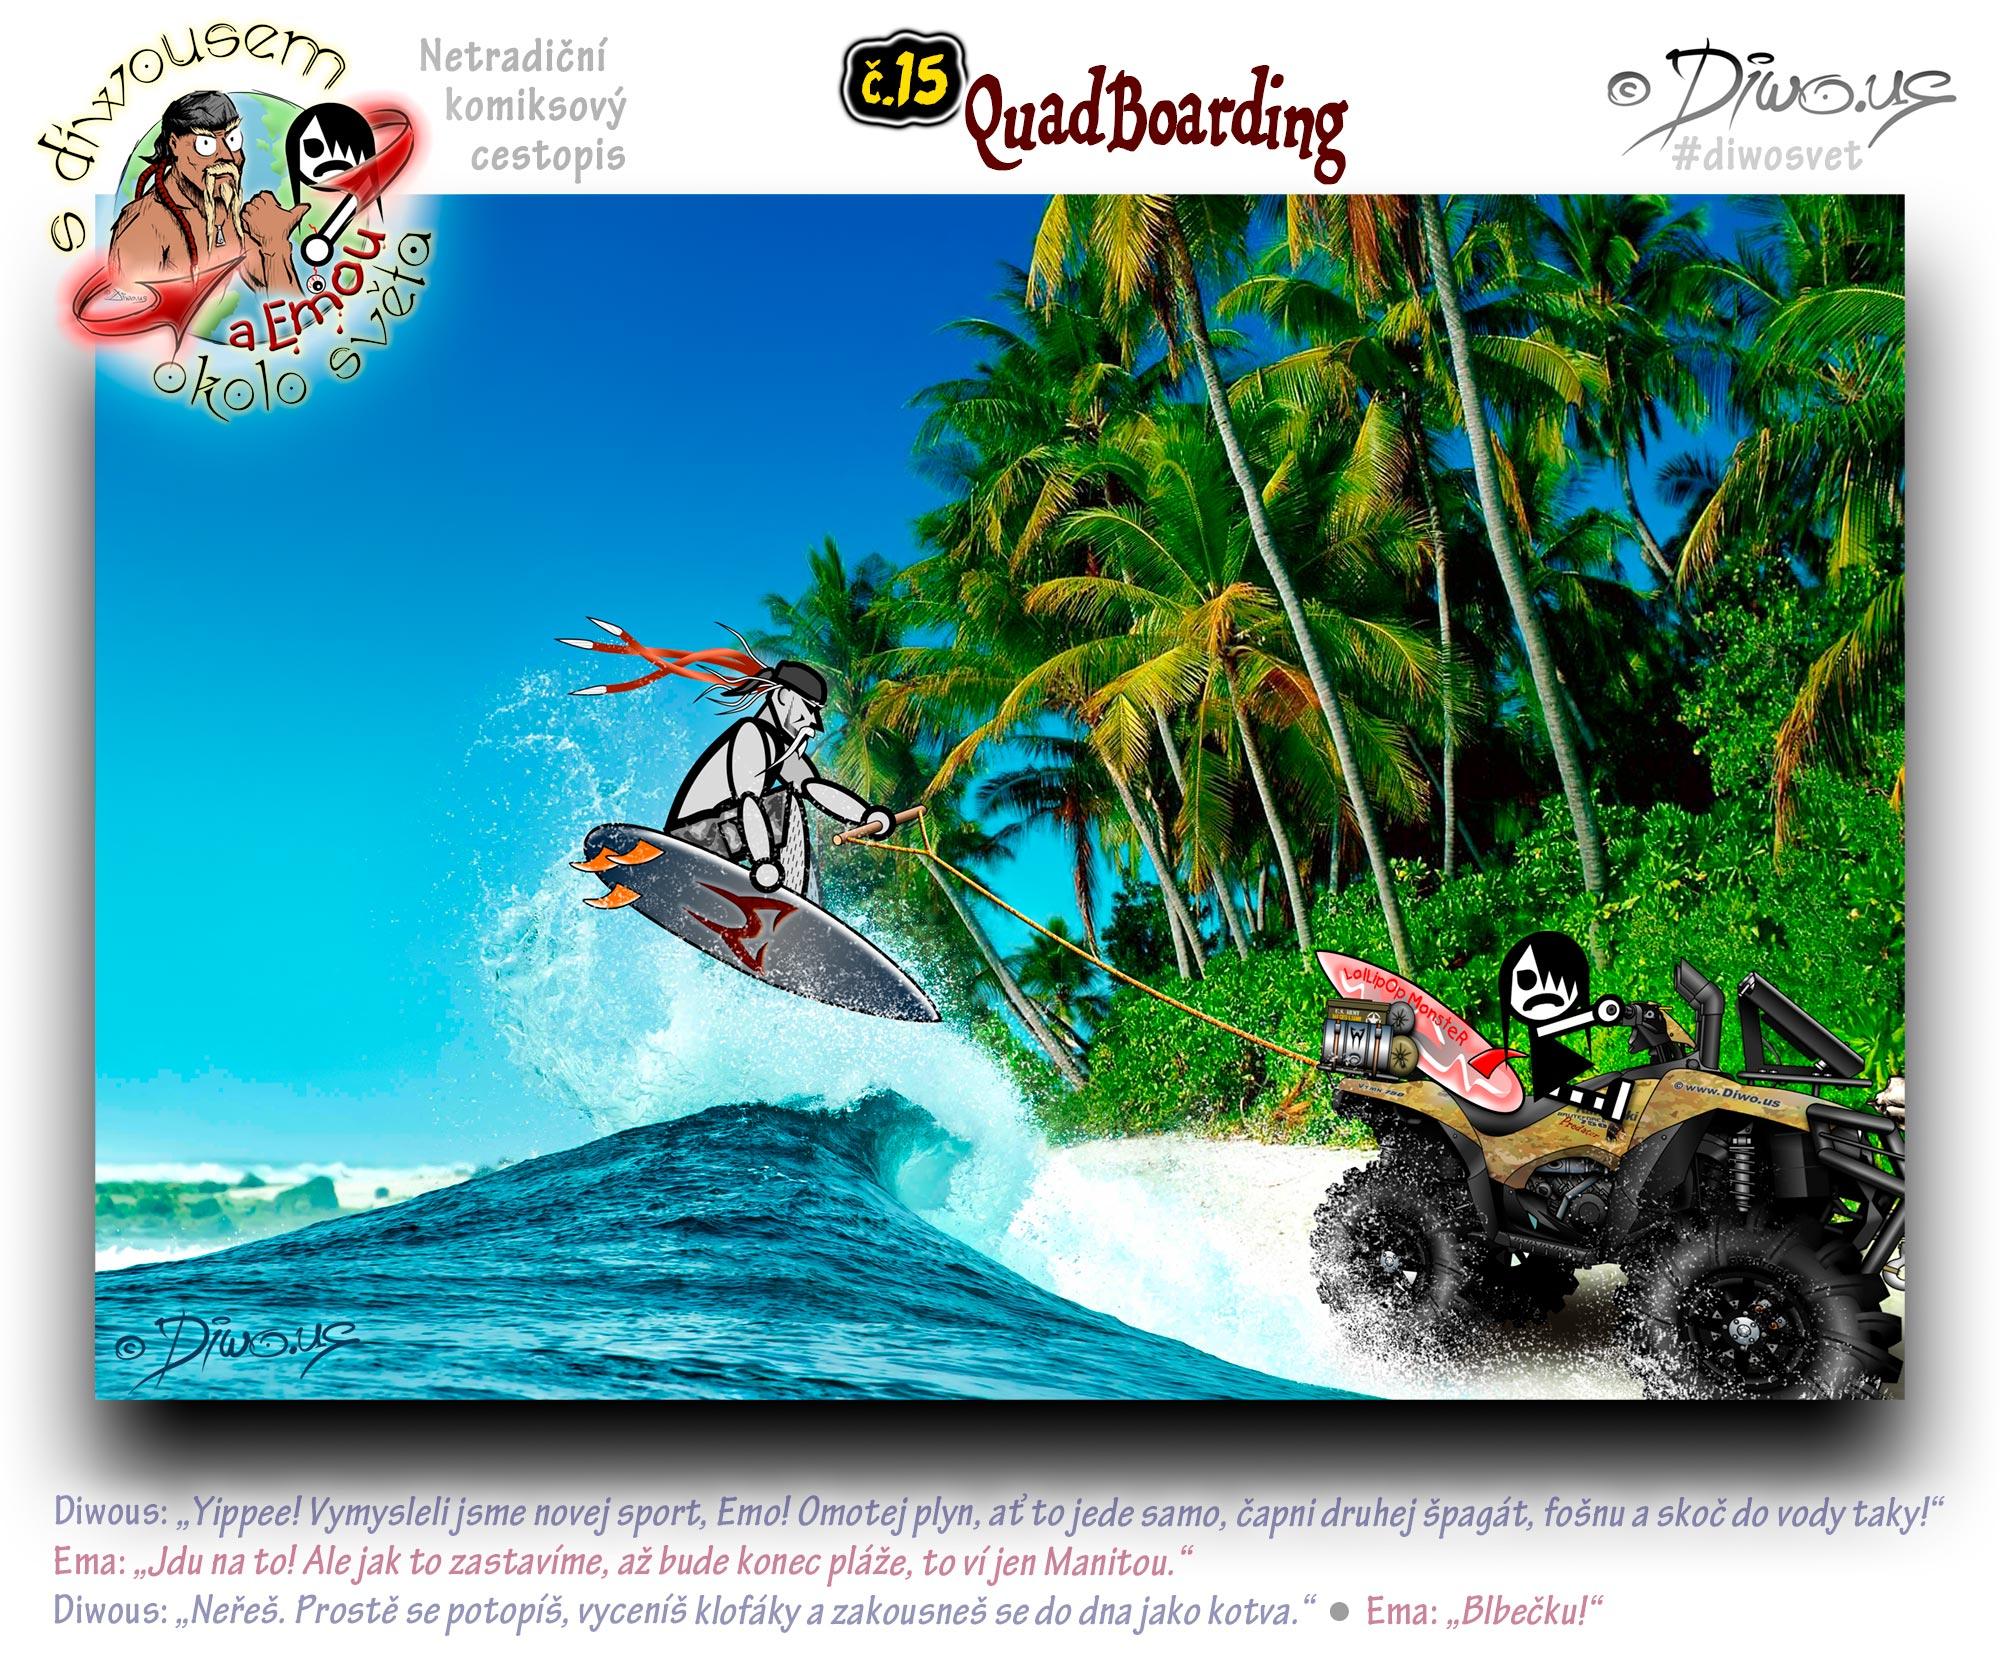 Diwous - s Diwousem a Emou okolo světa - díl 15 – QuadBoarding, Karibské moře, palmy, divočina, neobydlený ostrov, surfování, vlek, provaz, příboj, vlny, čtyřkolka, quad, ATV, nový sport, aktivita, adrenalin, rope, palm trees, Caribbean sea, jungle, wild, tropical rain forest, uninhabited island, surf, waves, pull, new sport, activity